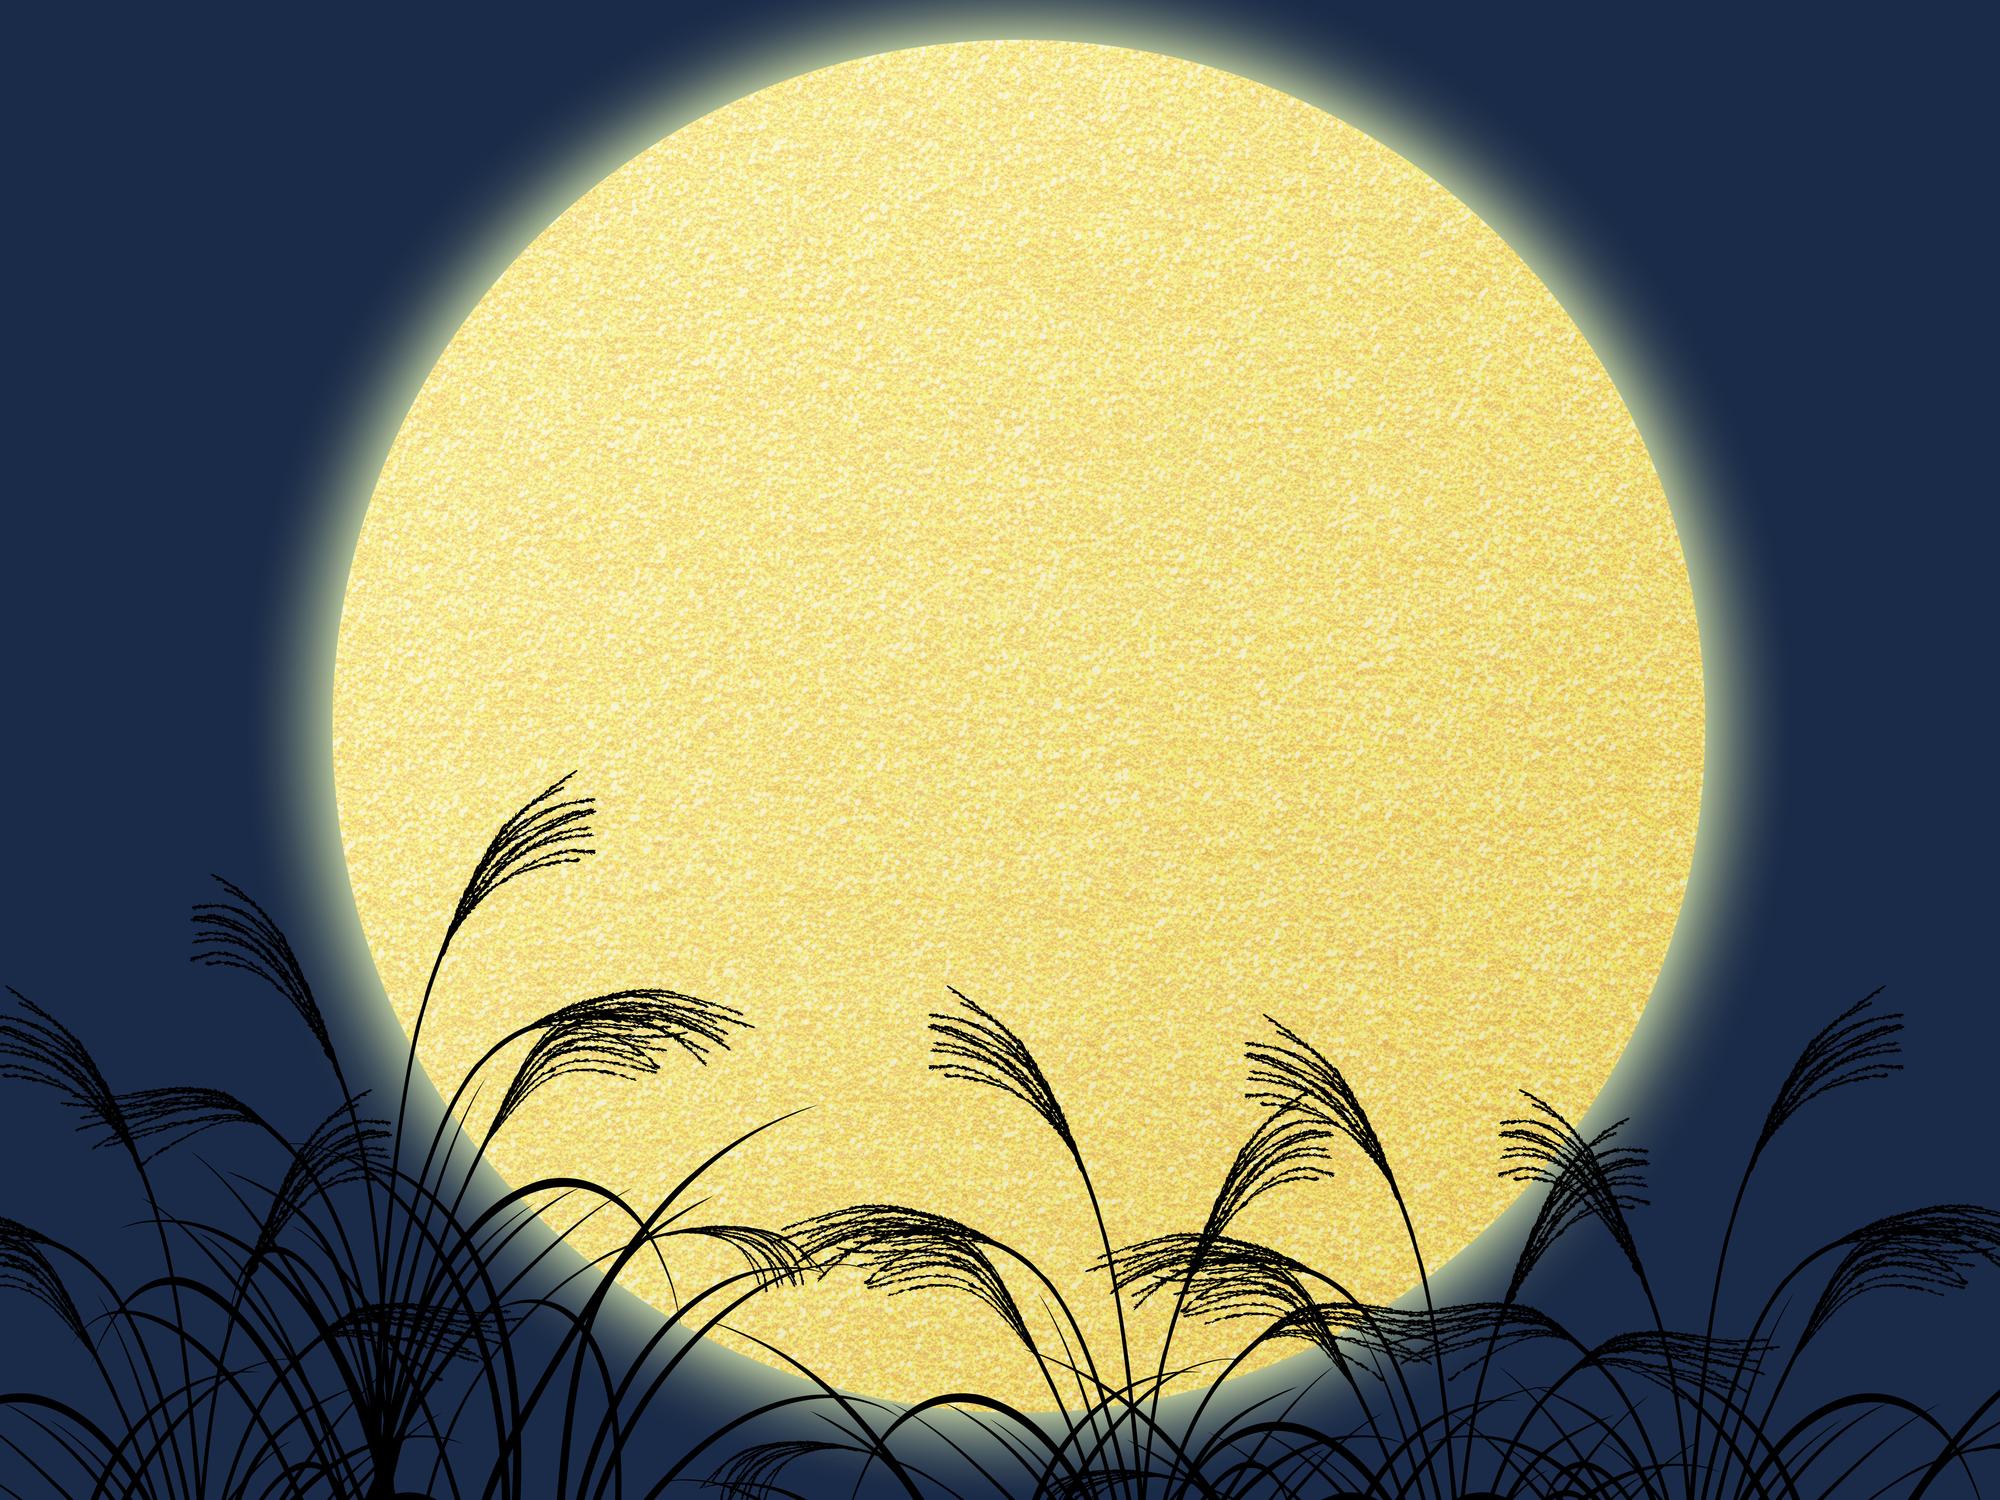 満月の自分の願いは儚くも散り、自分を見つめる月光は輝くだろう。